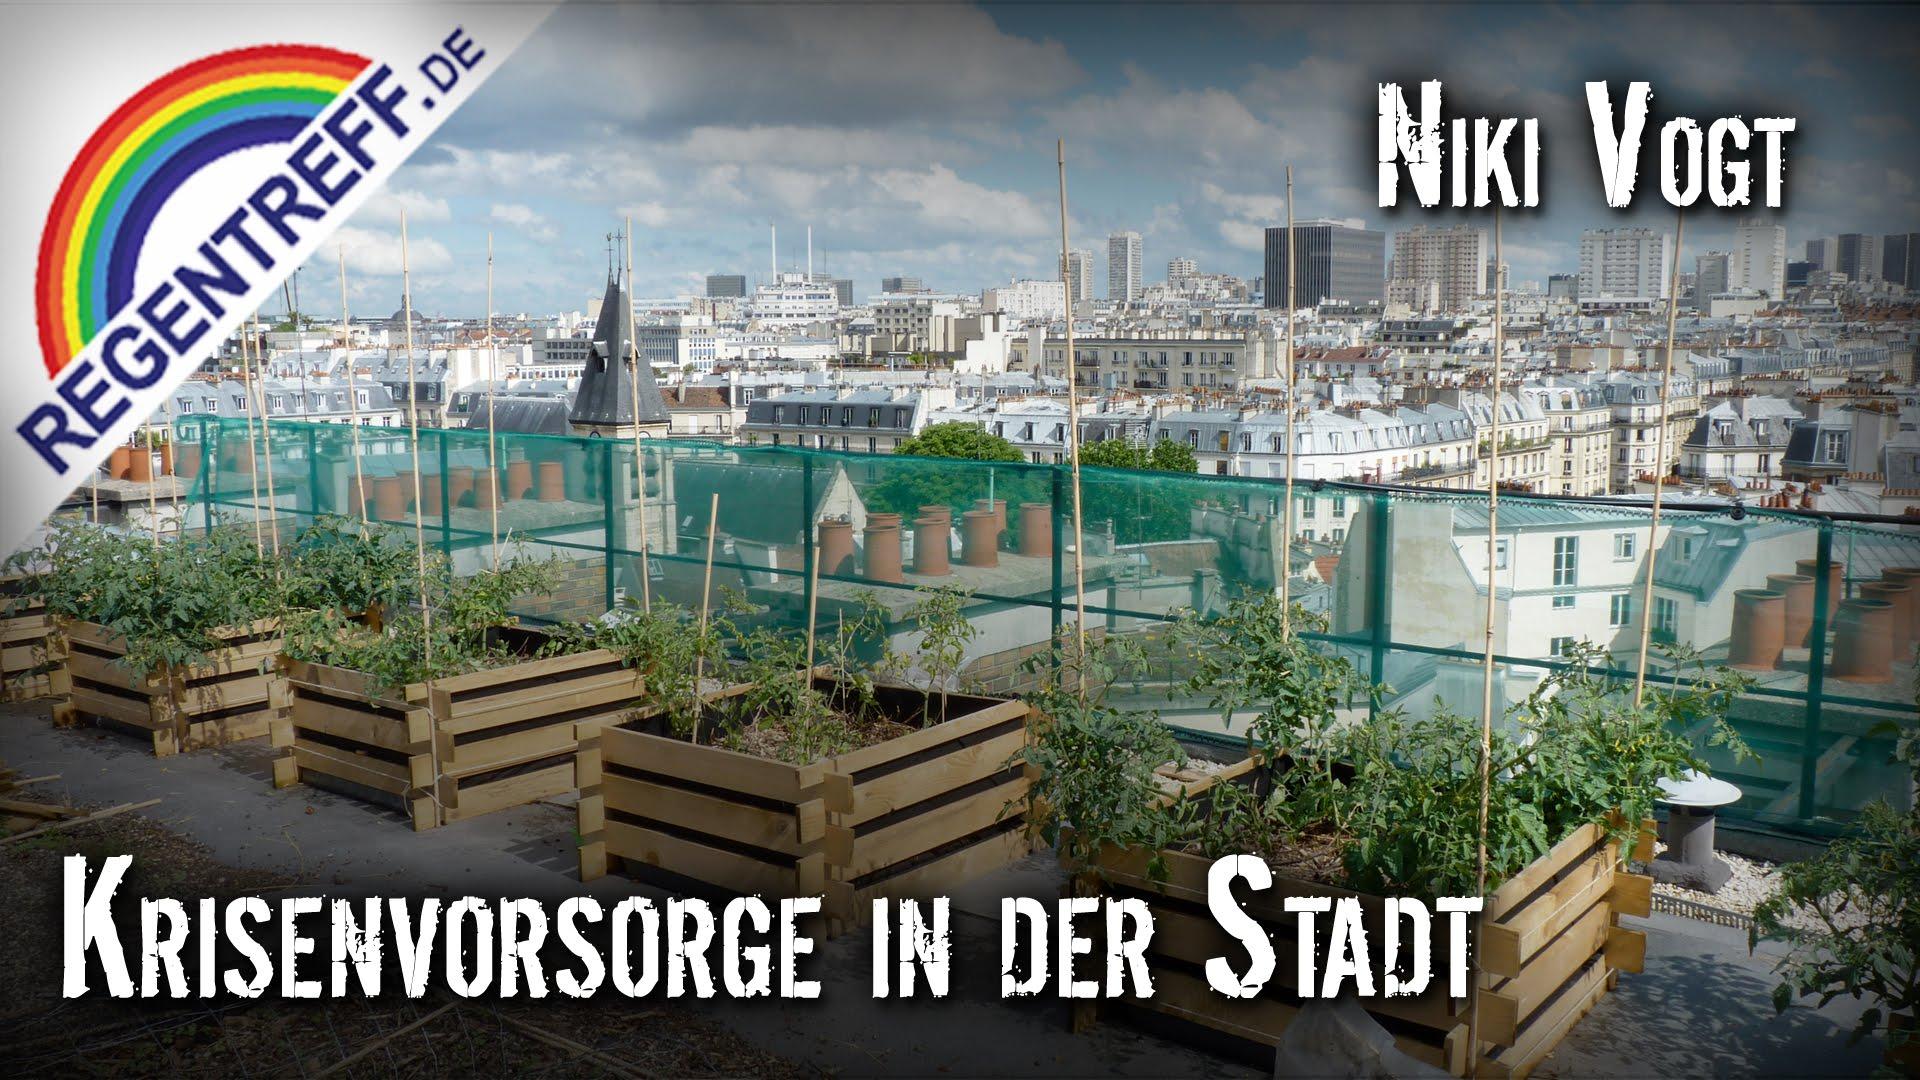 Niki Vogt – Krisenvorsorge in der Stadt